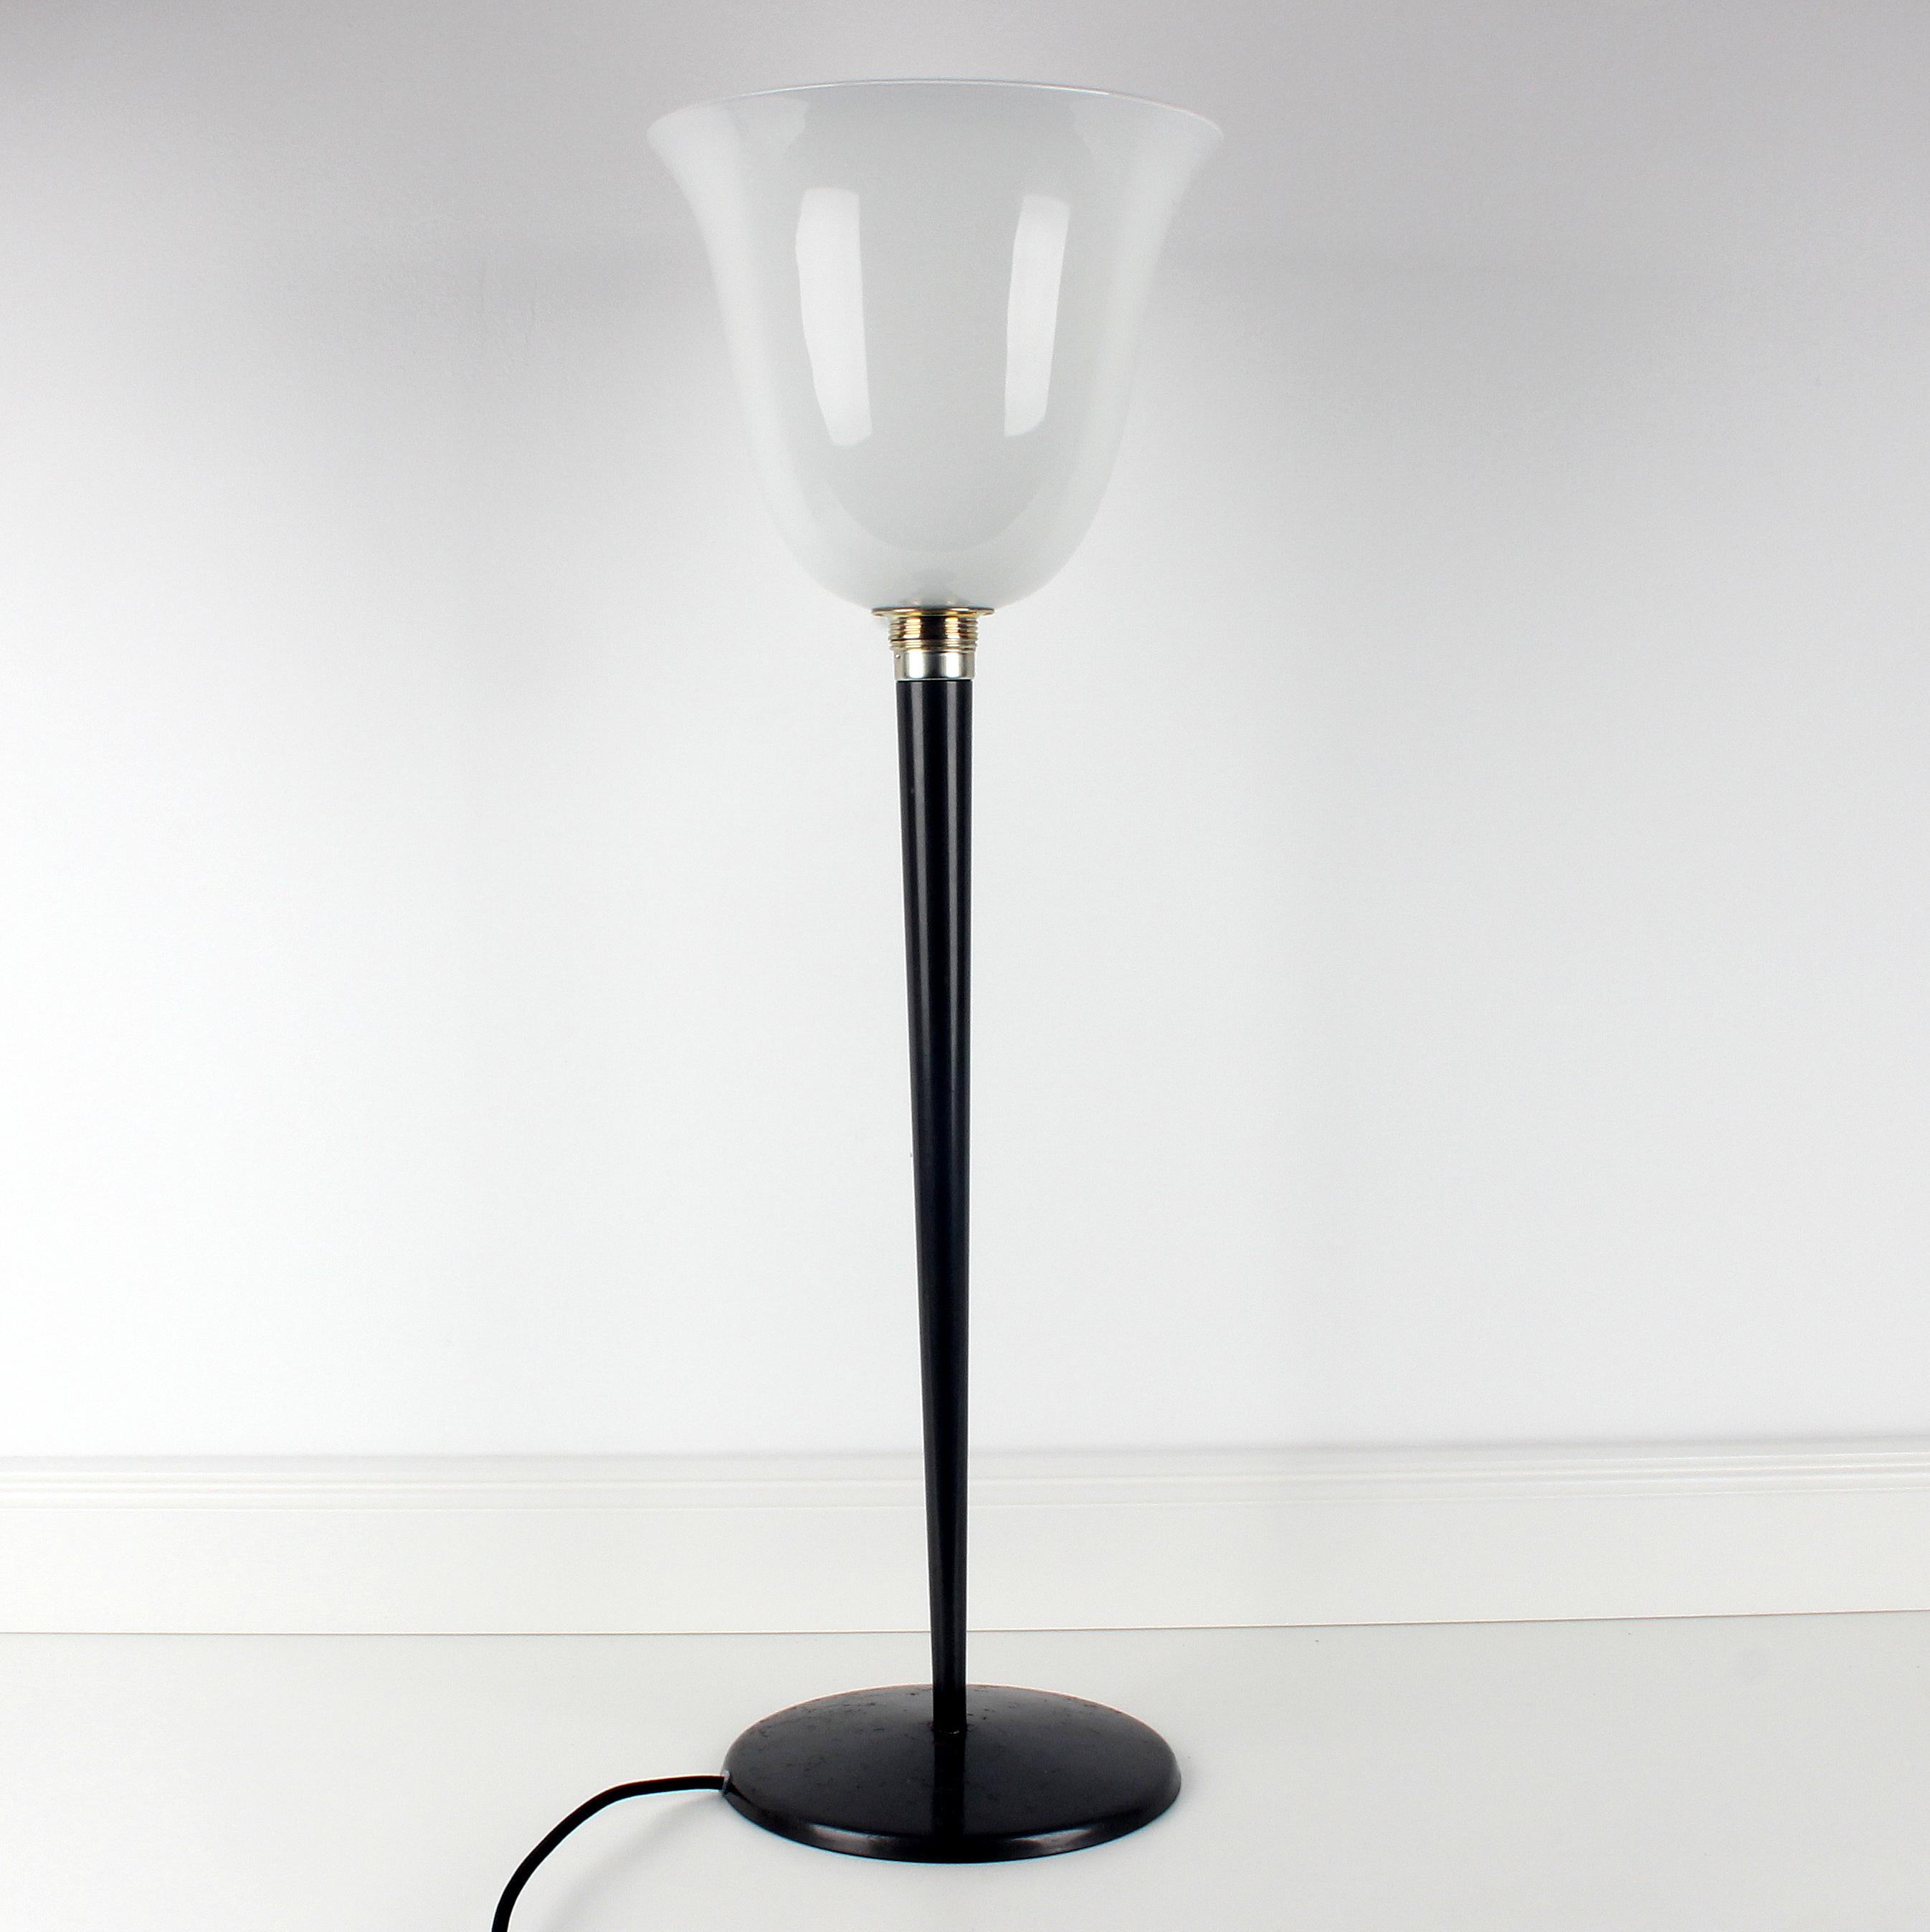 Stehlampe Mit Glas Lampenschirm Textilkabel Schwarz Mit Fussschalter Und Stecker 2 Radio Kolsch Hamburg